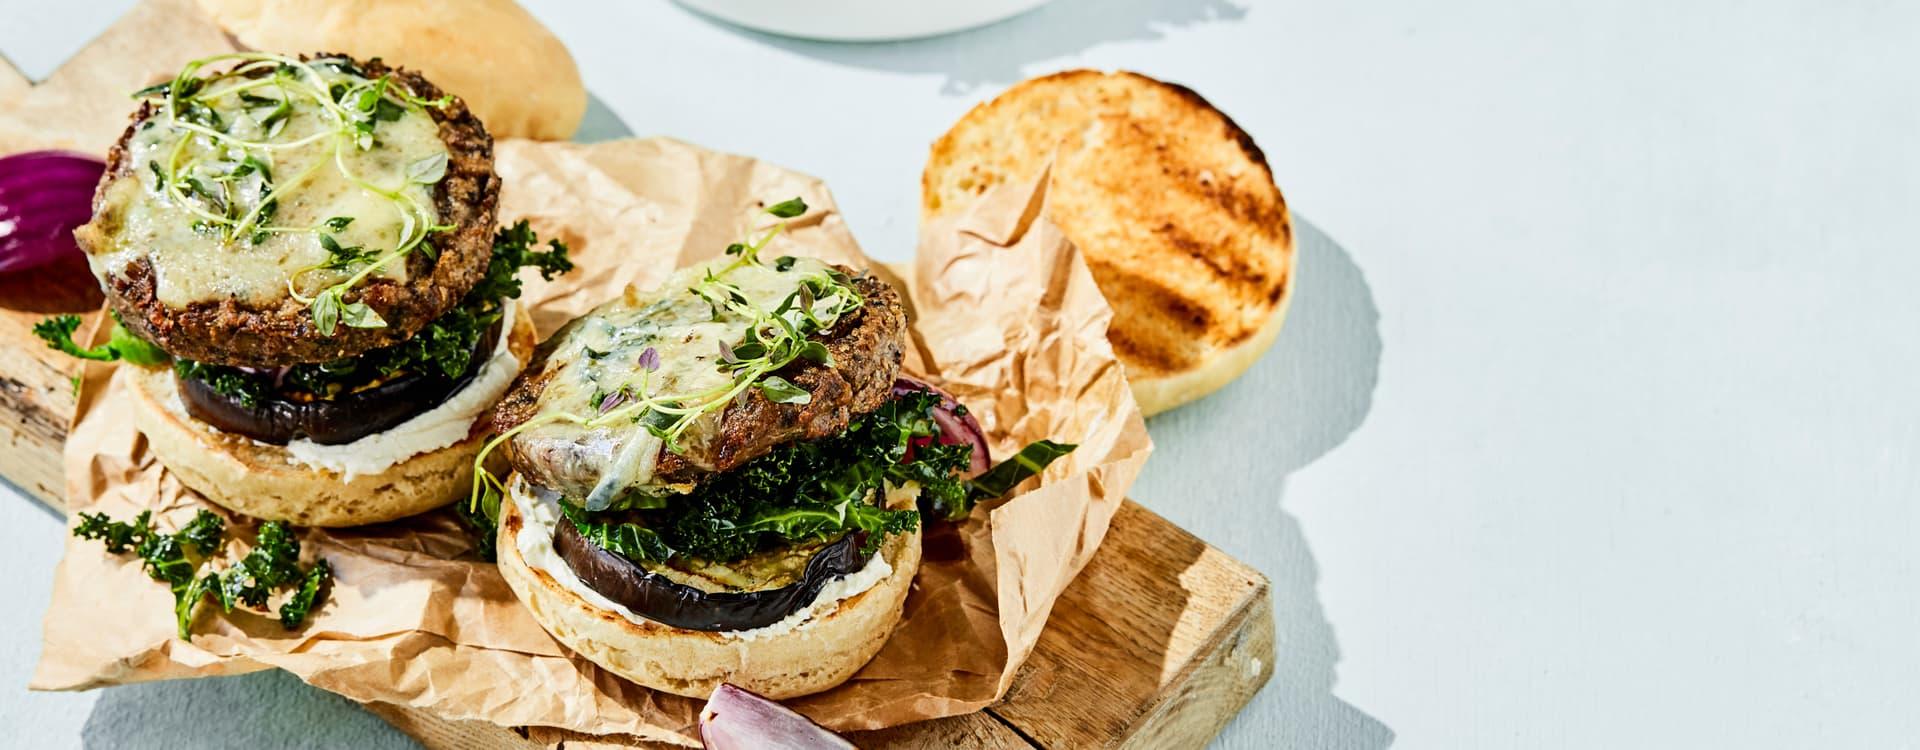 Vegetarburger med hjemmelaget burgerbrød